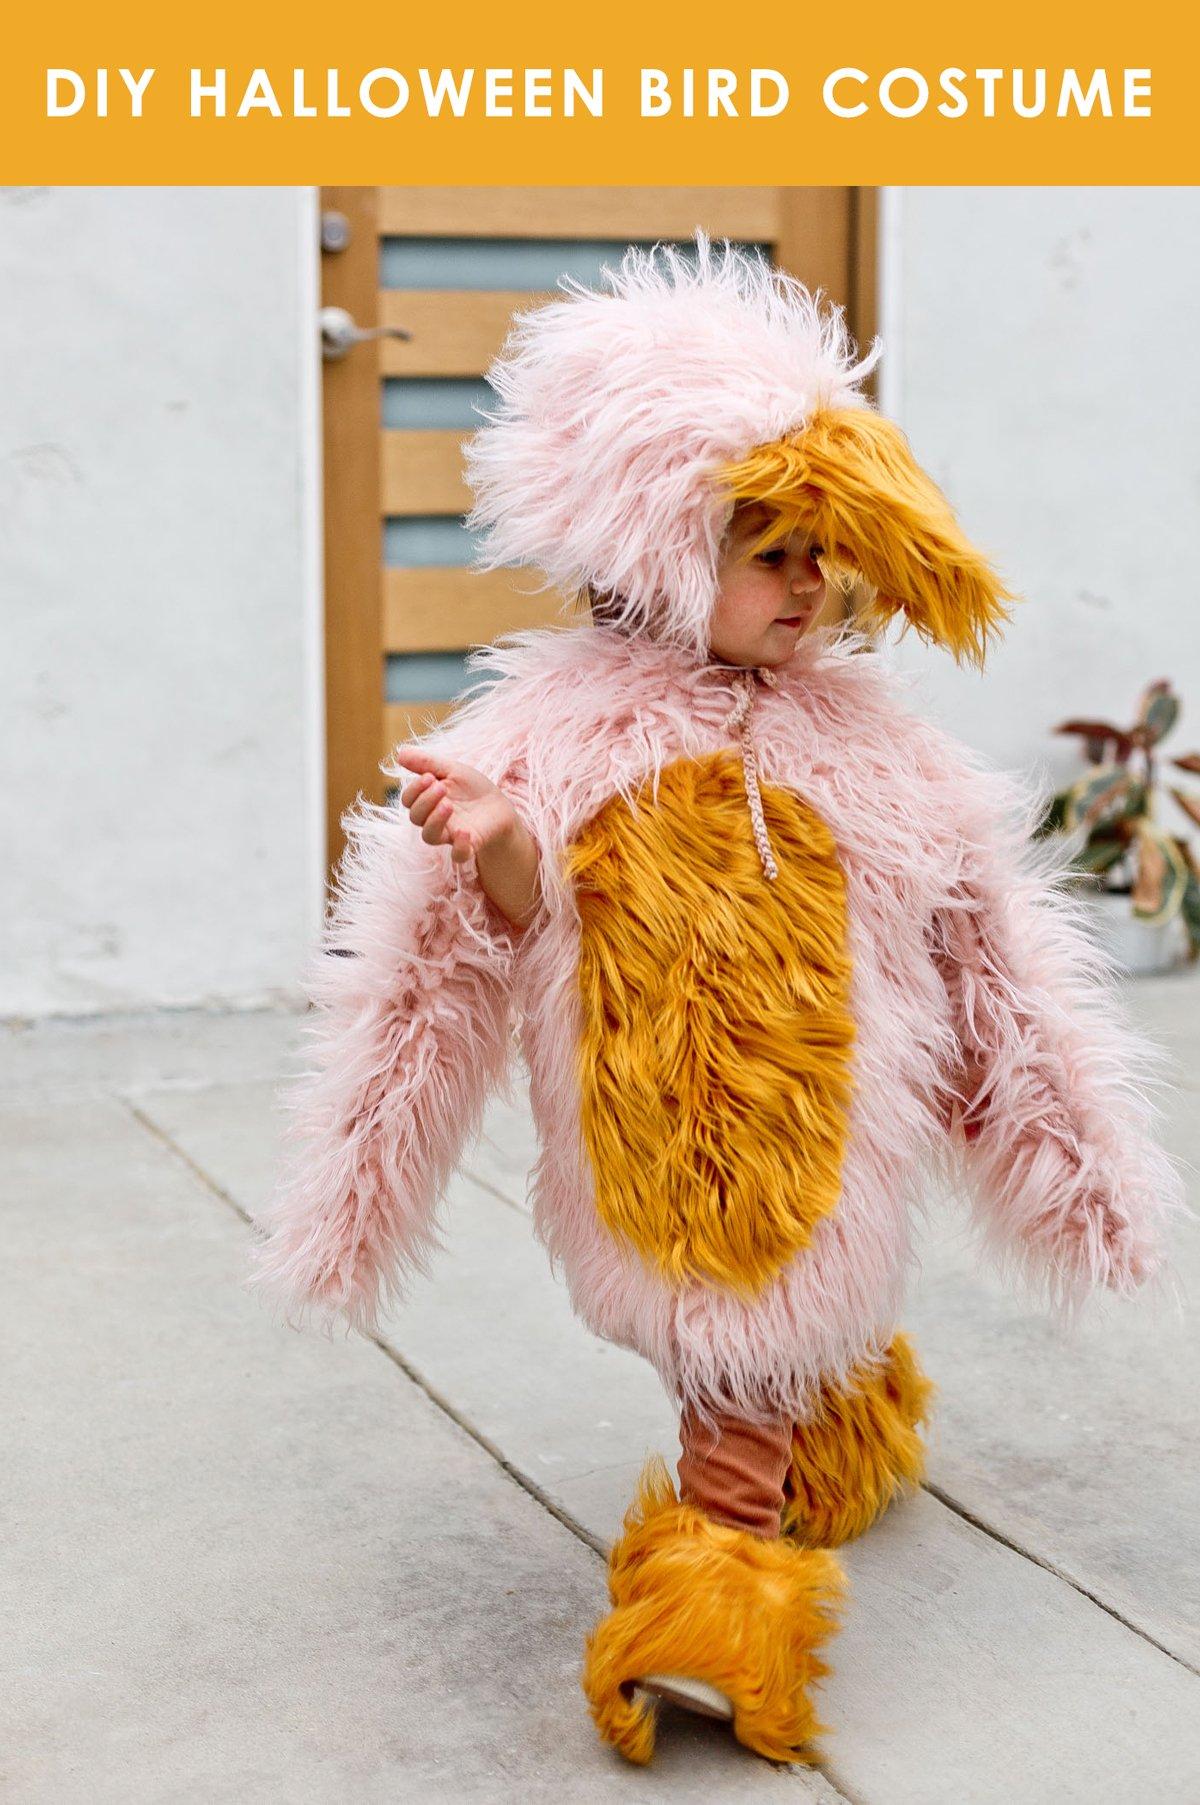 Child wearing pink and yellow homemade bird costume